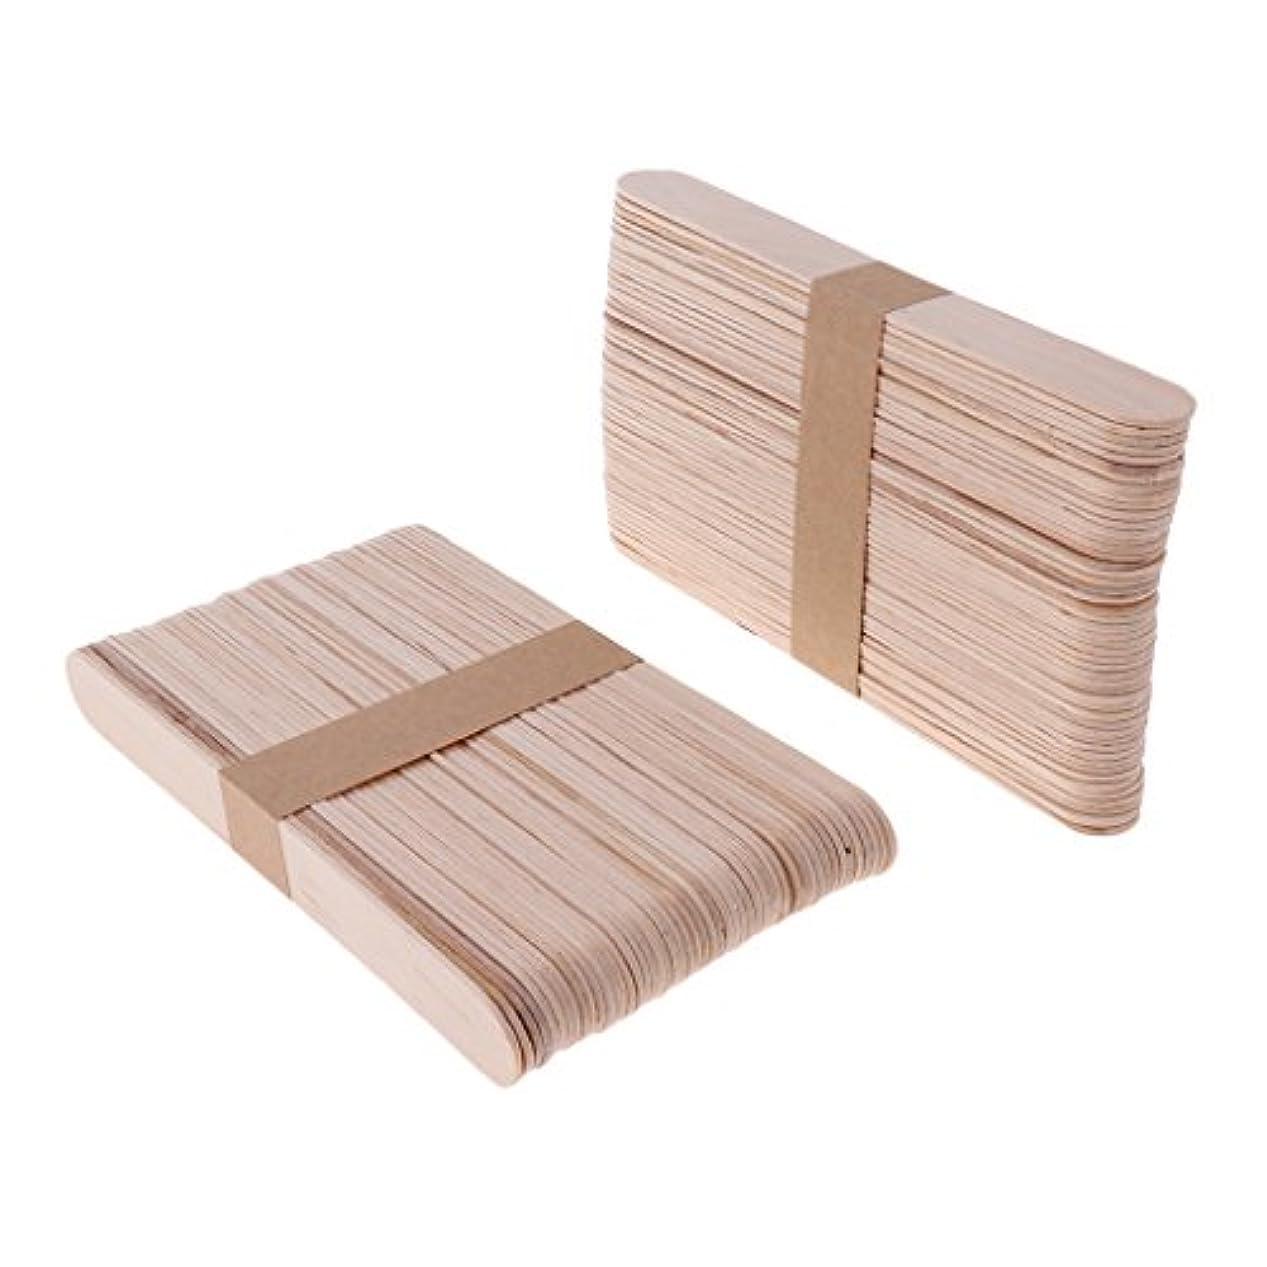 どうしたの暴露する注入木材スティック 脱毛 ワックス用 体毛除去 ウッド ワックススパチュラ 便利 200個 2サイズ - L